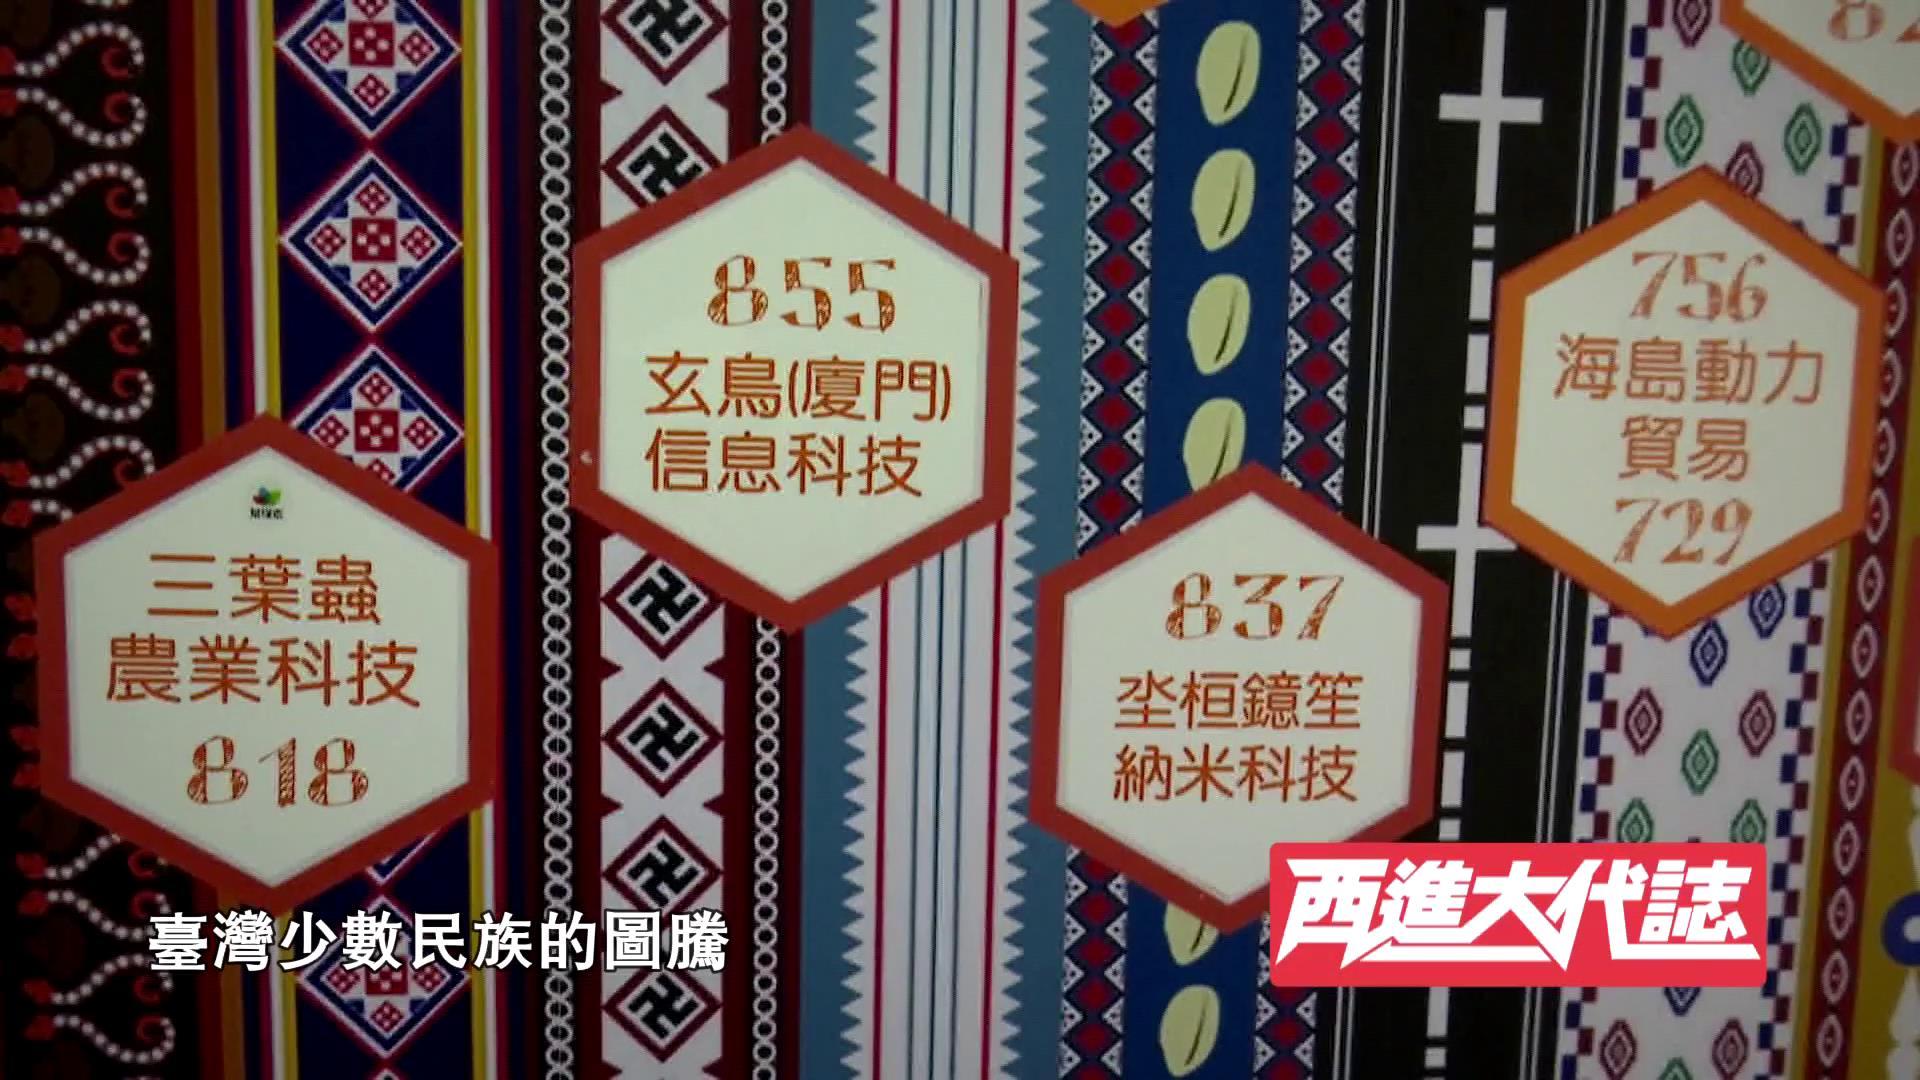 【西進大代志】創業達人 范姜峰圖片